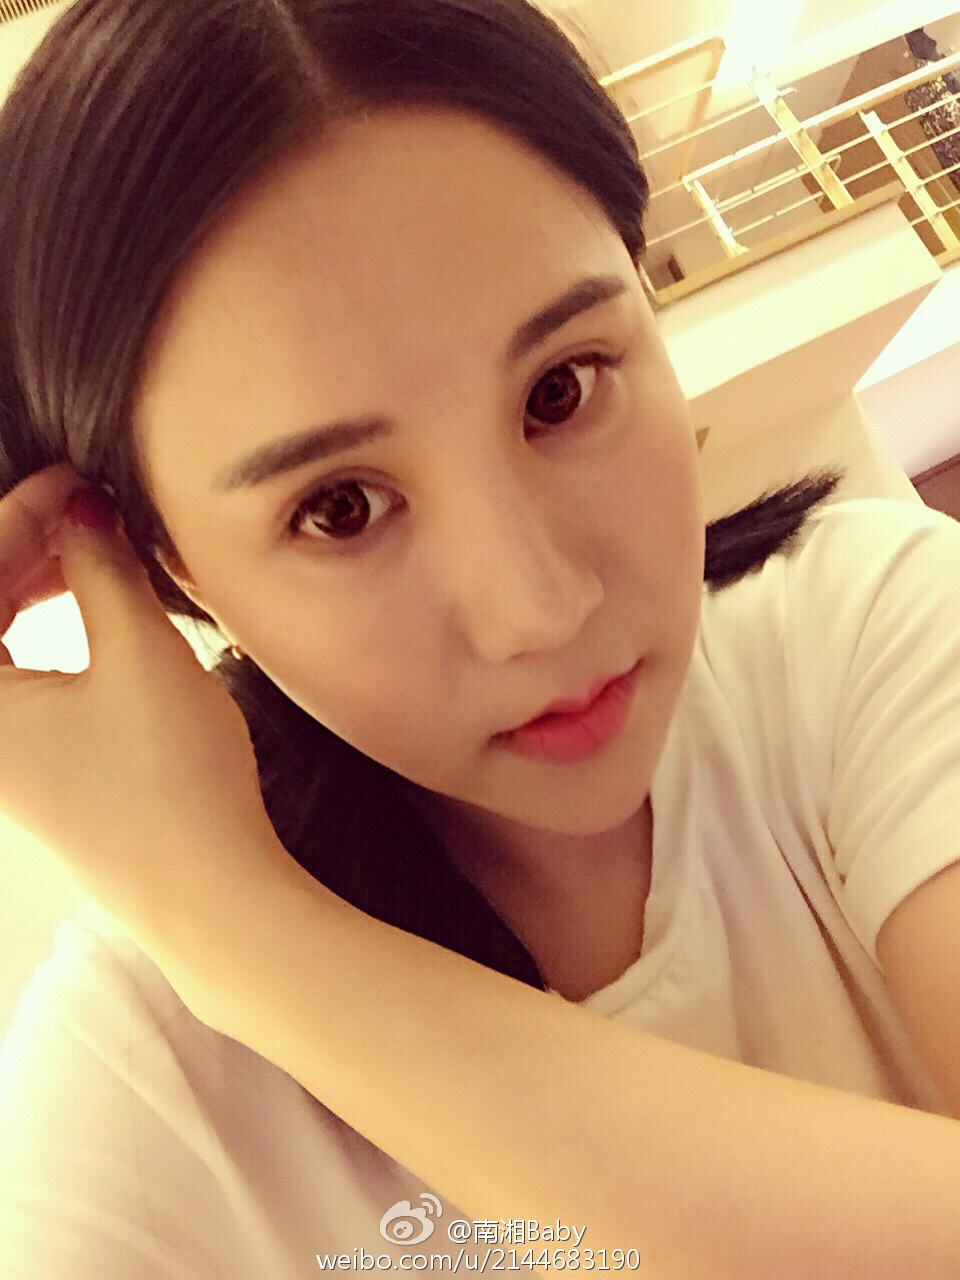 南湘Baby放假之后的日子都是吃喝玩乐[嘻嘻] _美女福利图片